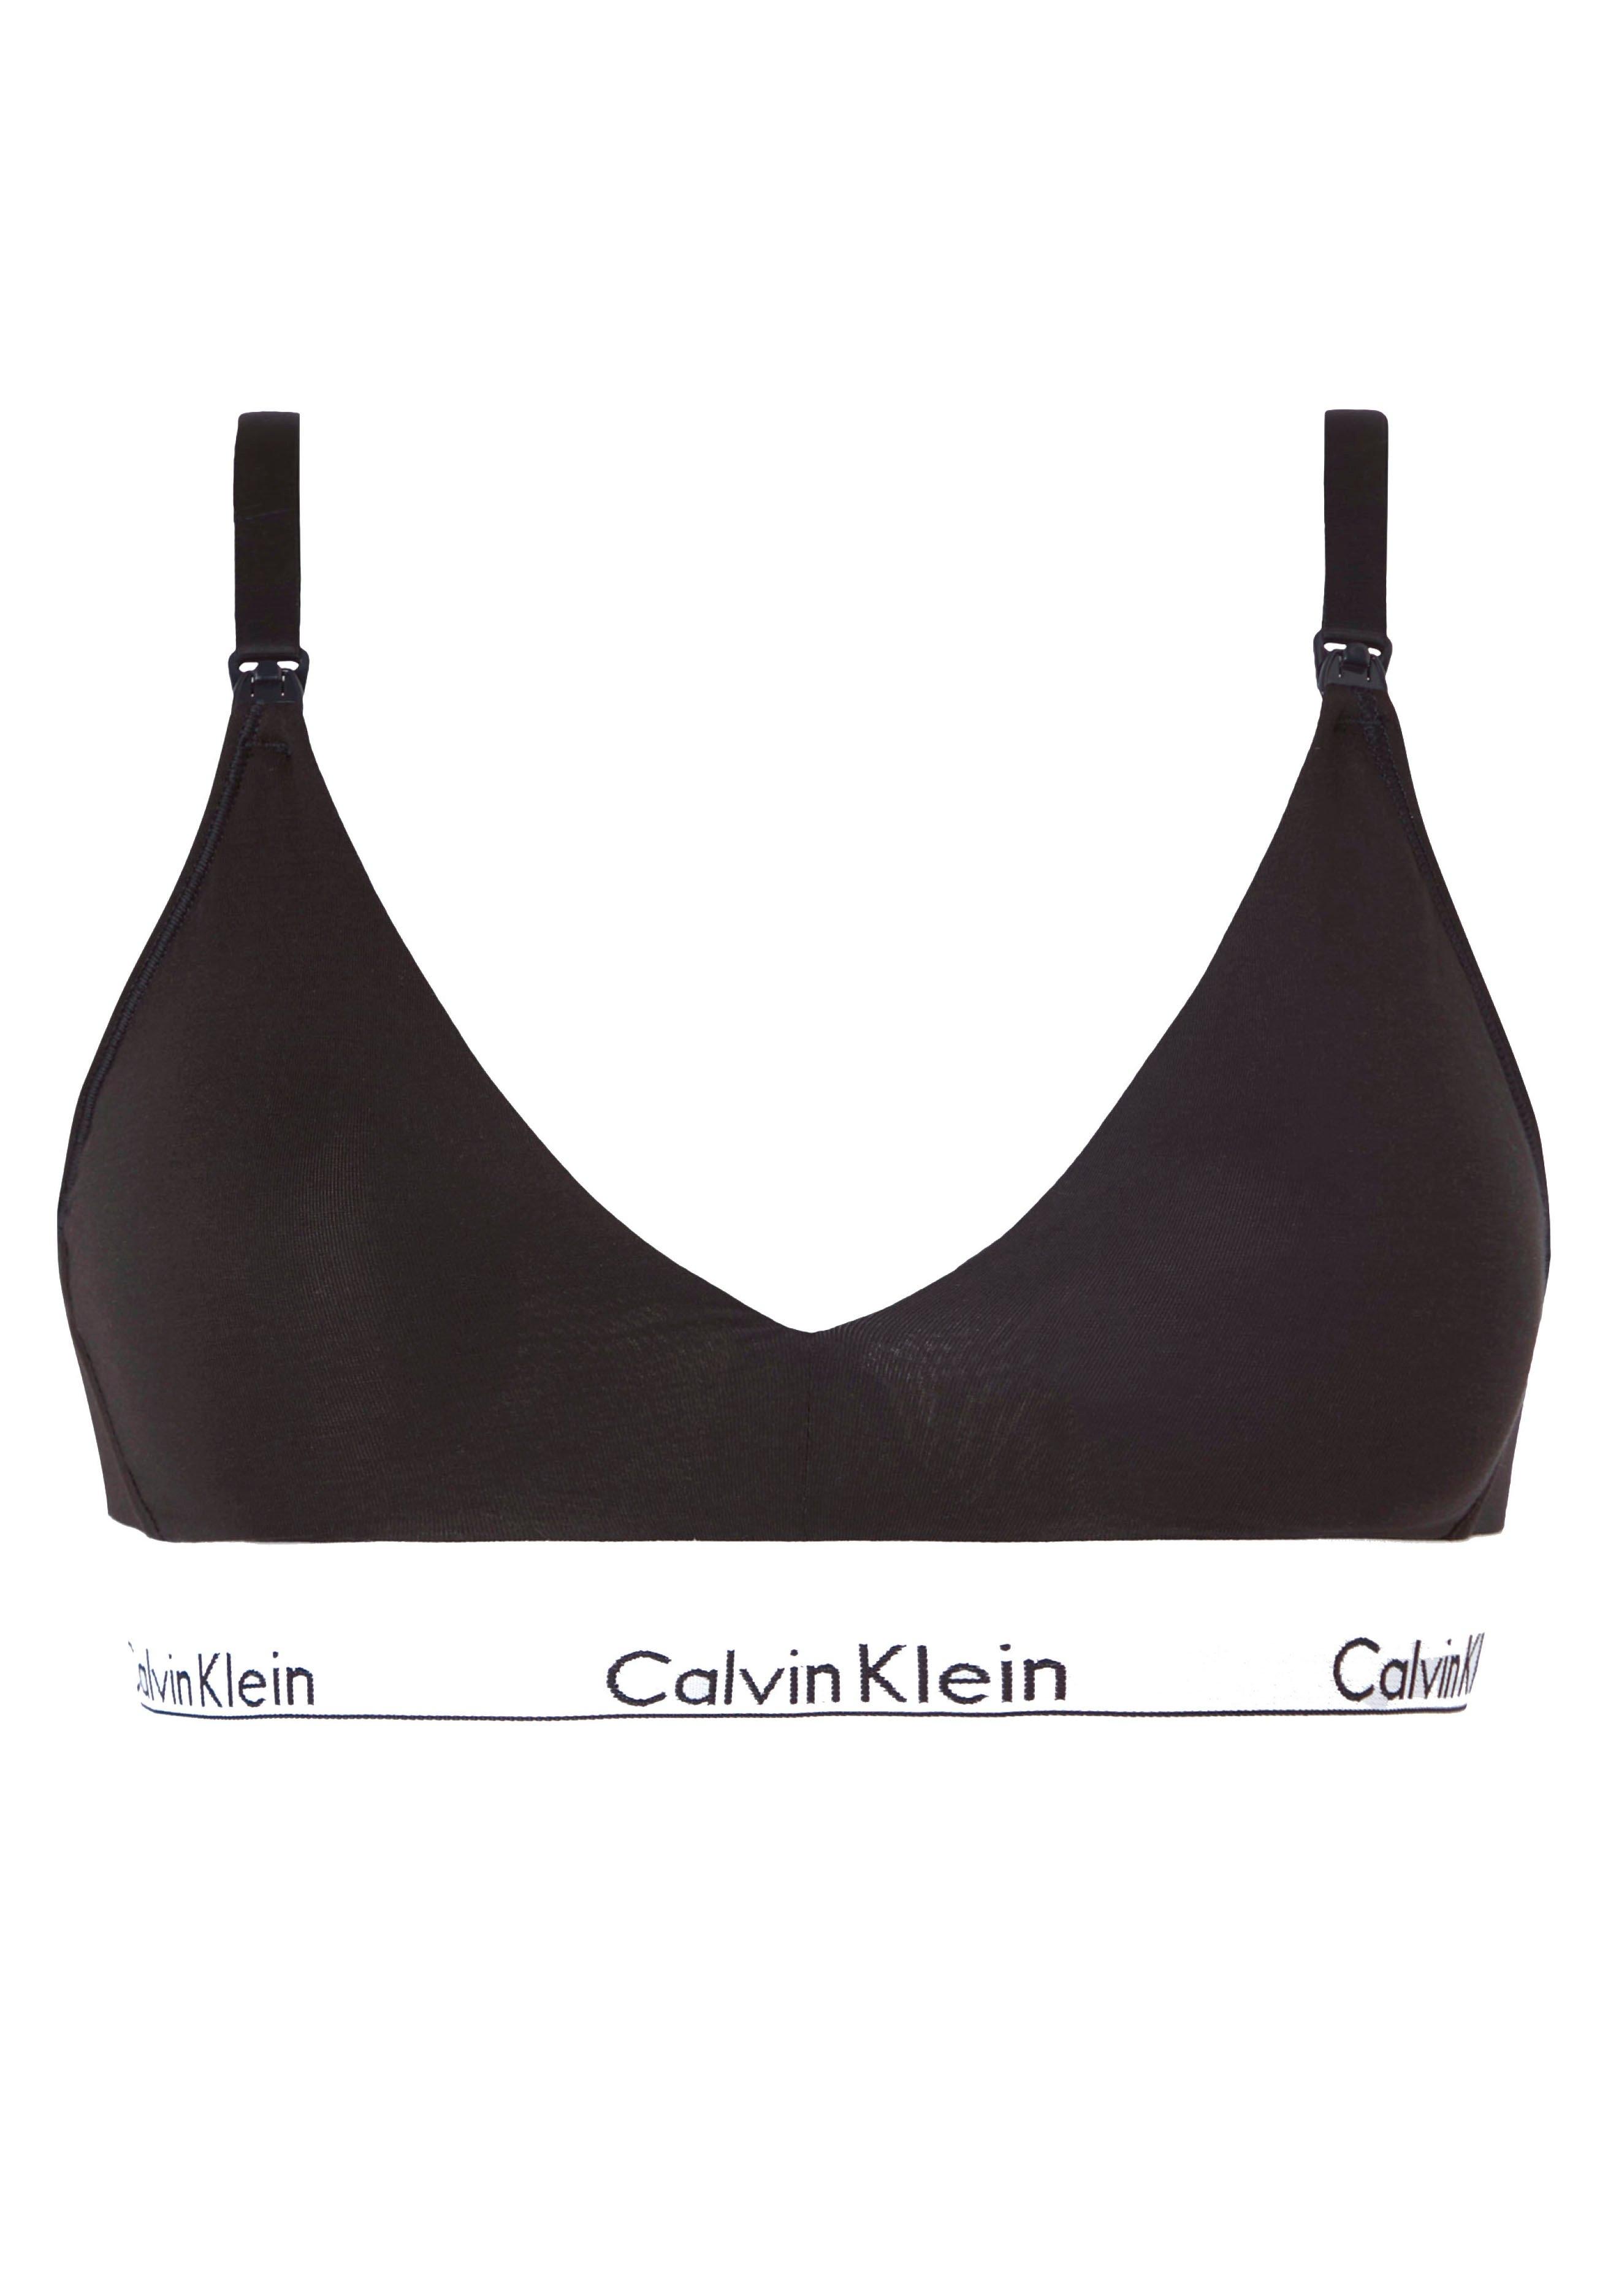 Calvin Klein voedings-bh met logo onderbusteband bestellen: 30 dagen bedenktijd